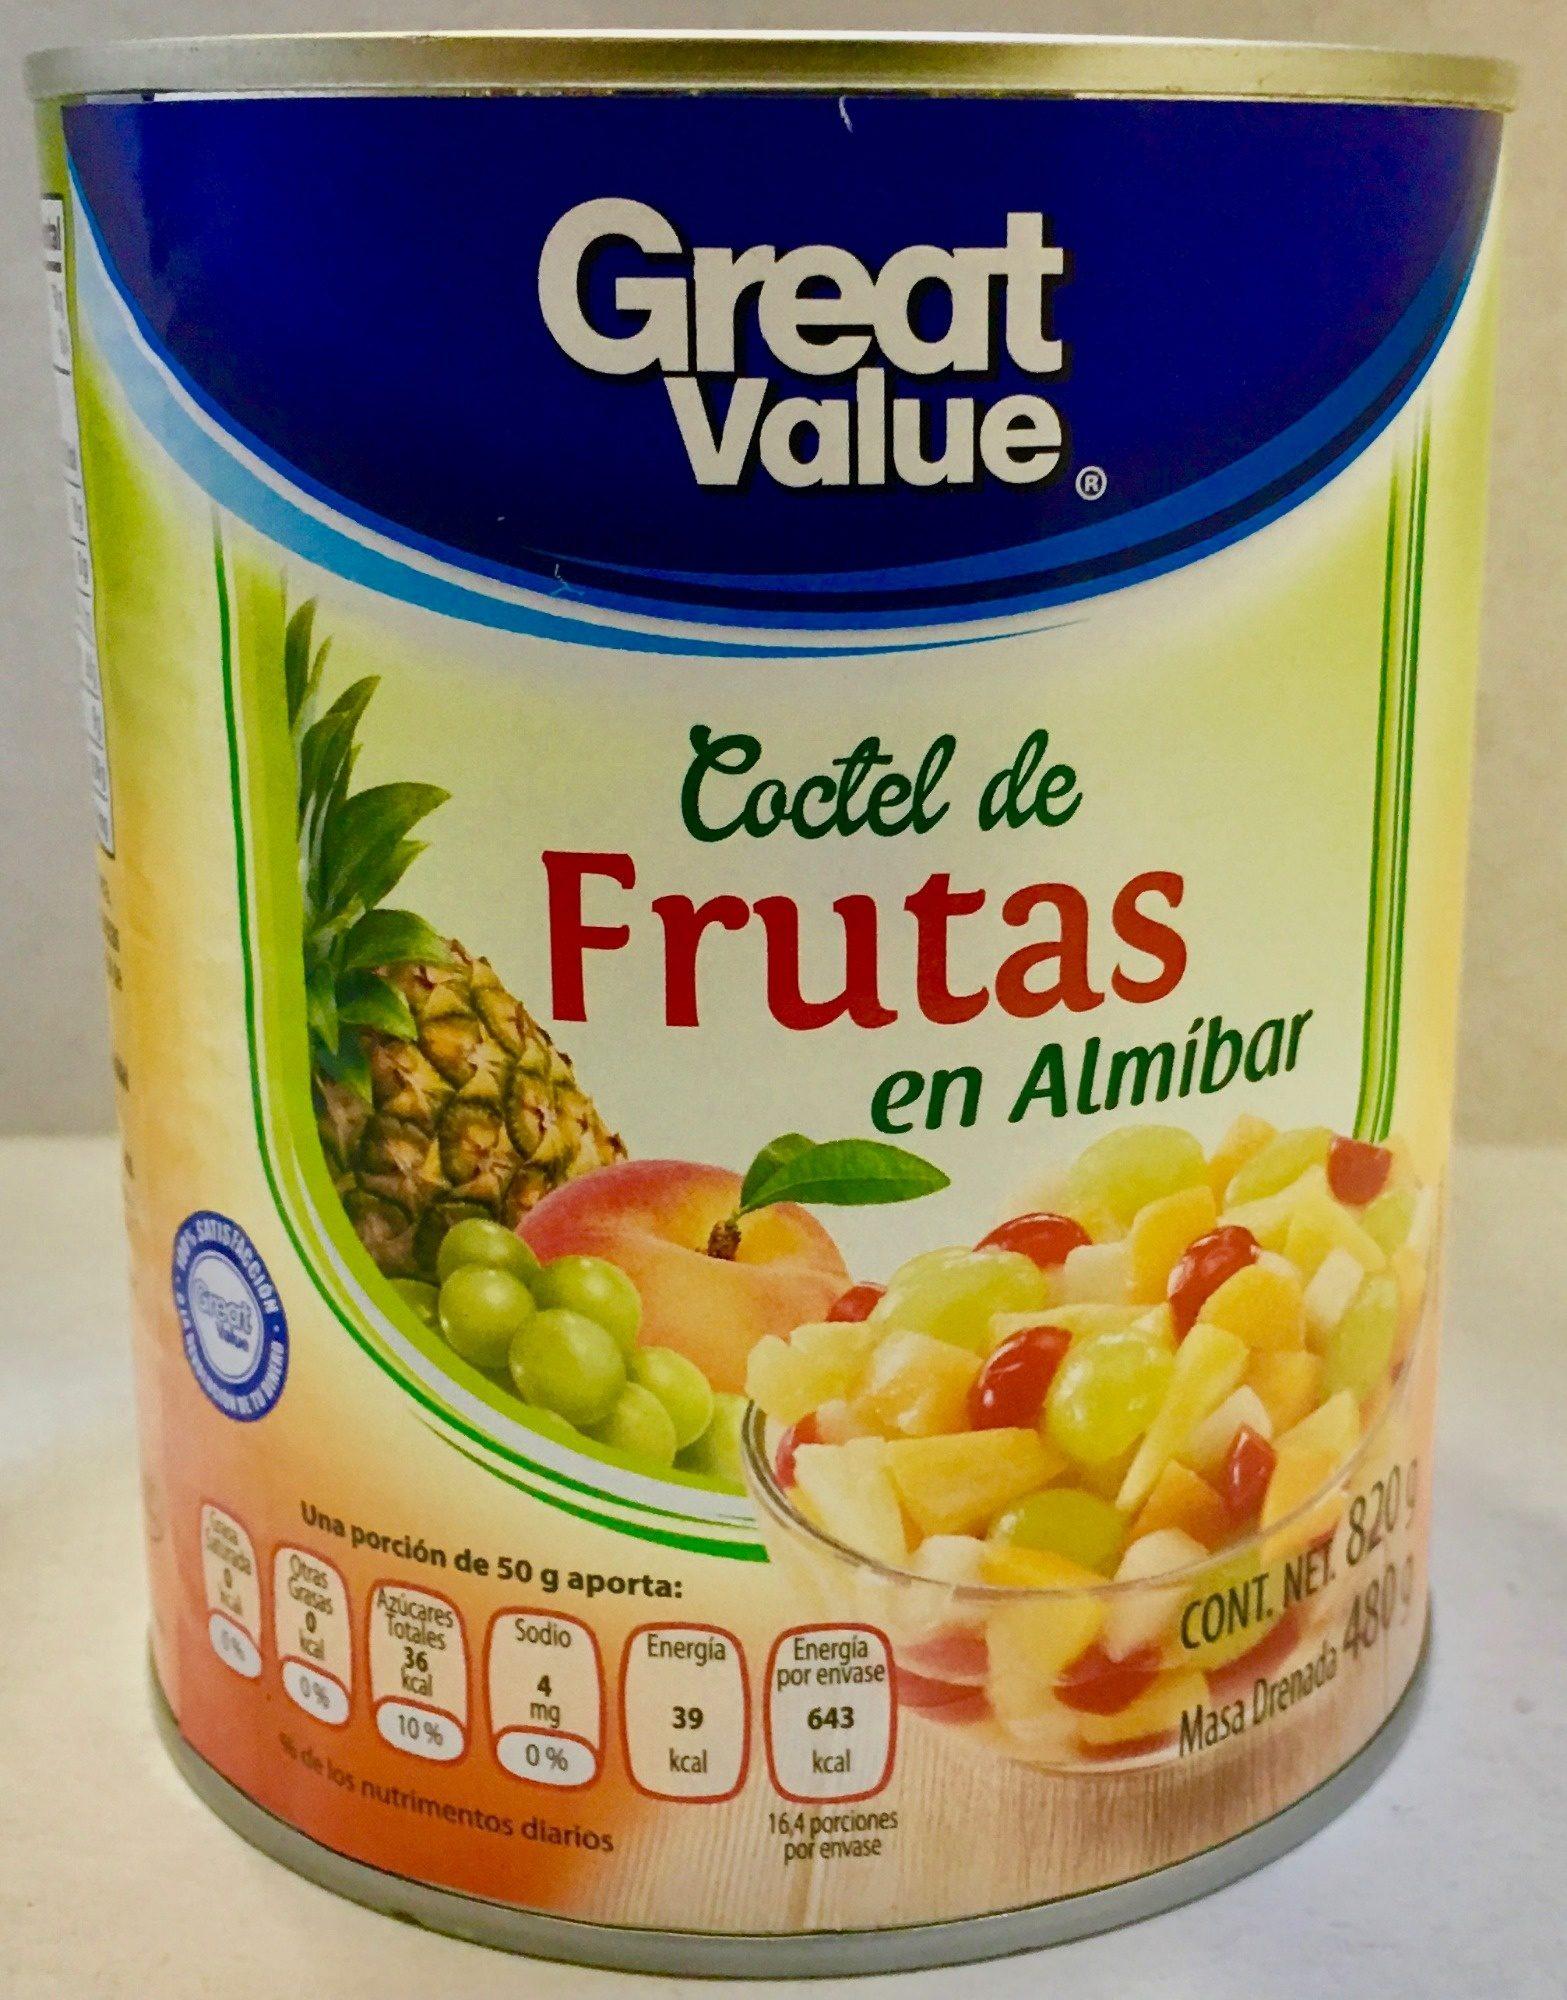 COCTÉL DE FRUTAS EN ALMÍBAR - Producto - es